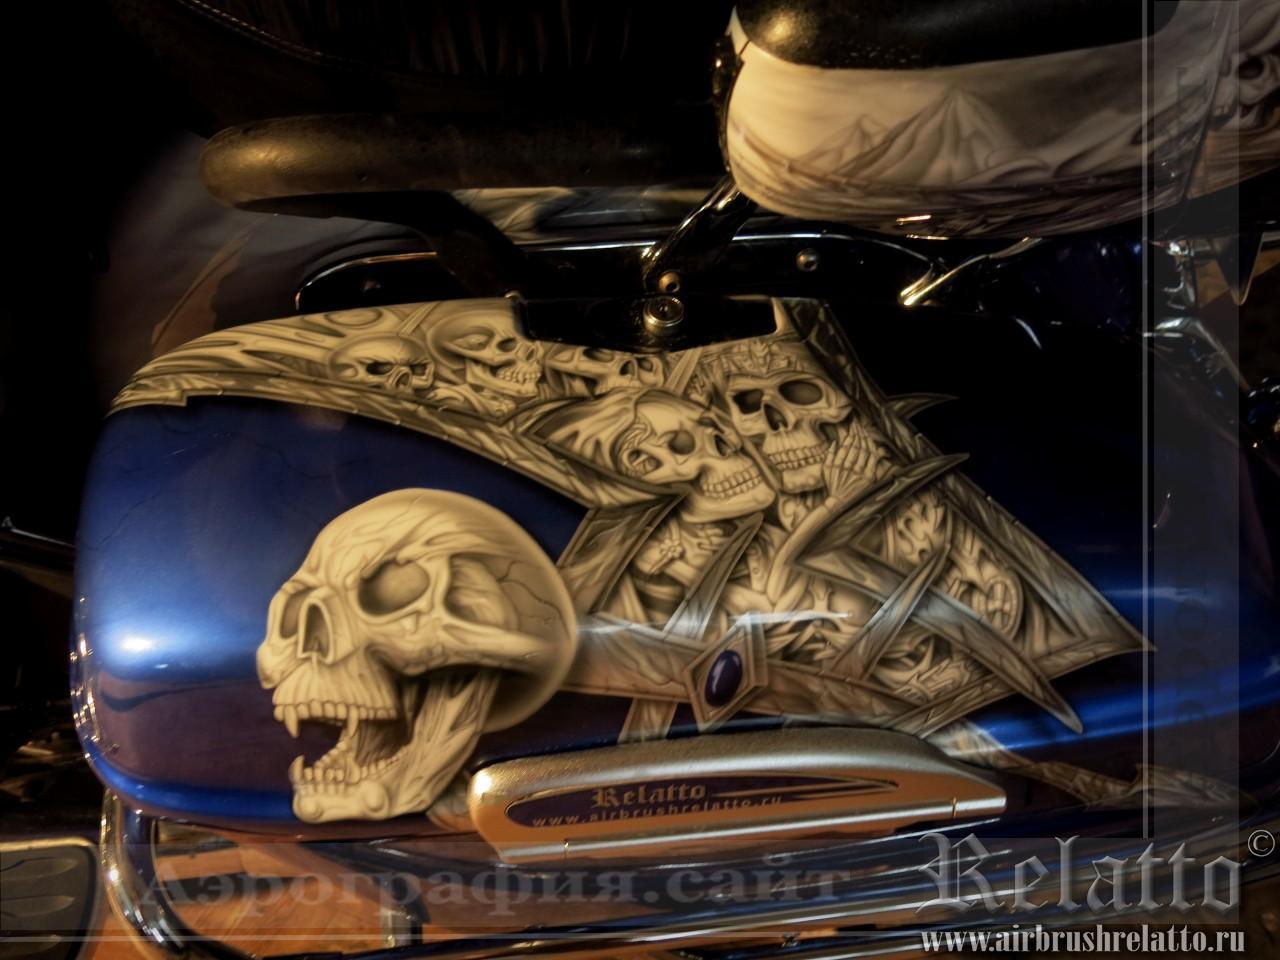 Аэрография на мотоцикле Yamaha Venture черепа